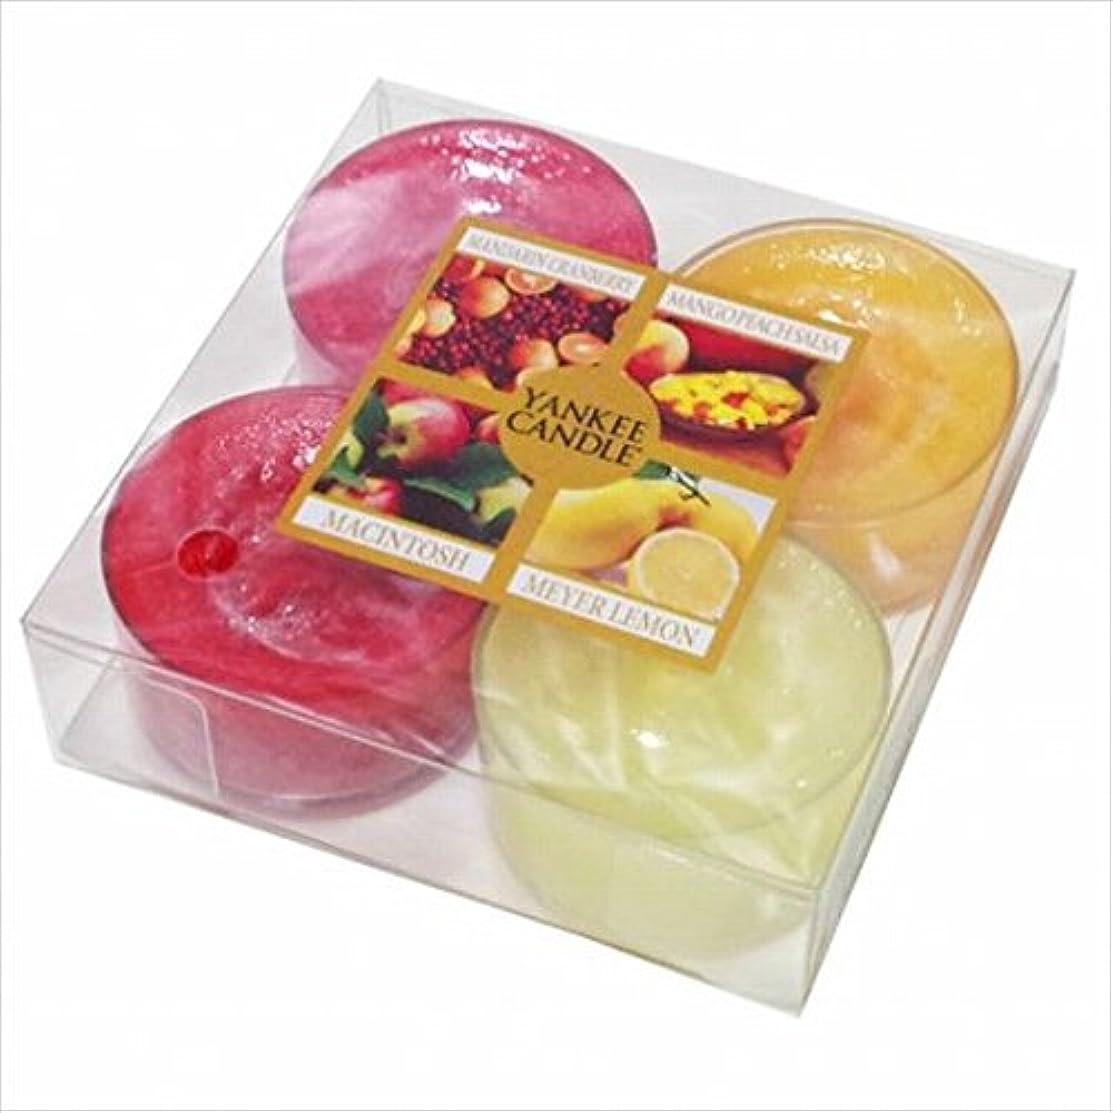 避ける設計図より良いカメヤマキャンドル(kameyama candle) YANKEE CANDLE クリアカップティーライト4個入り アソート 「 フルーツ 」